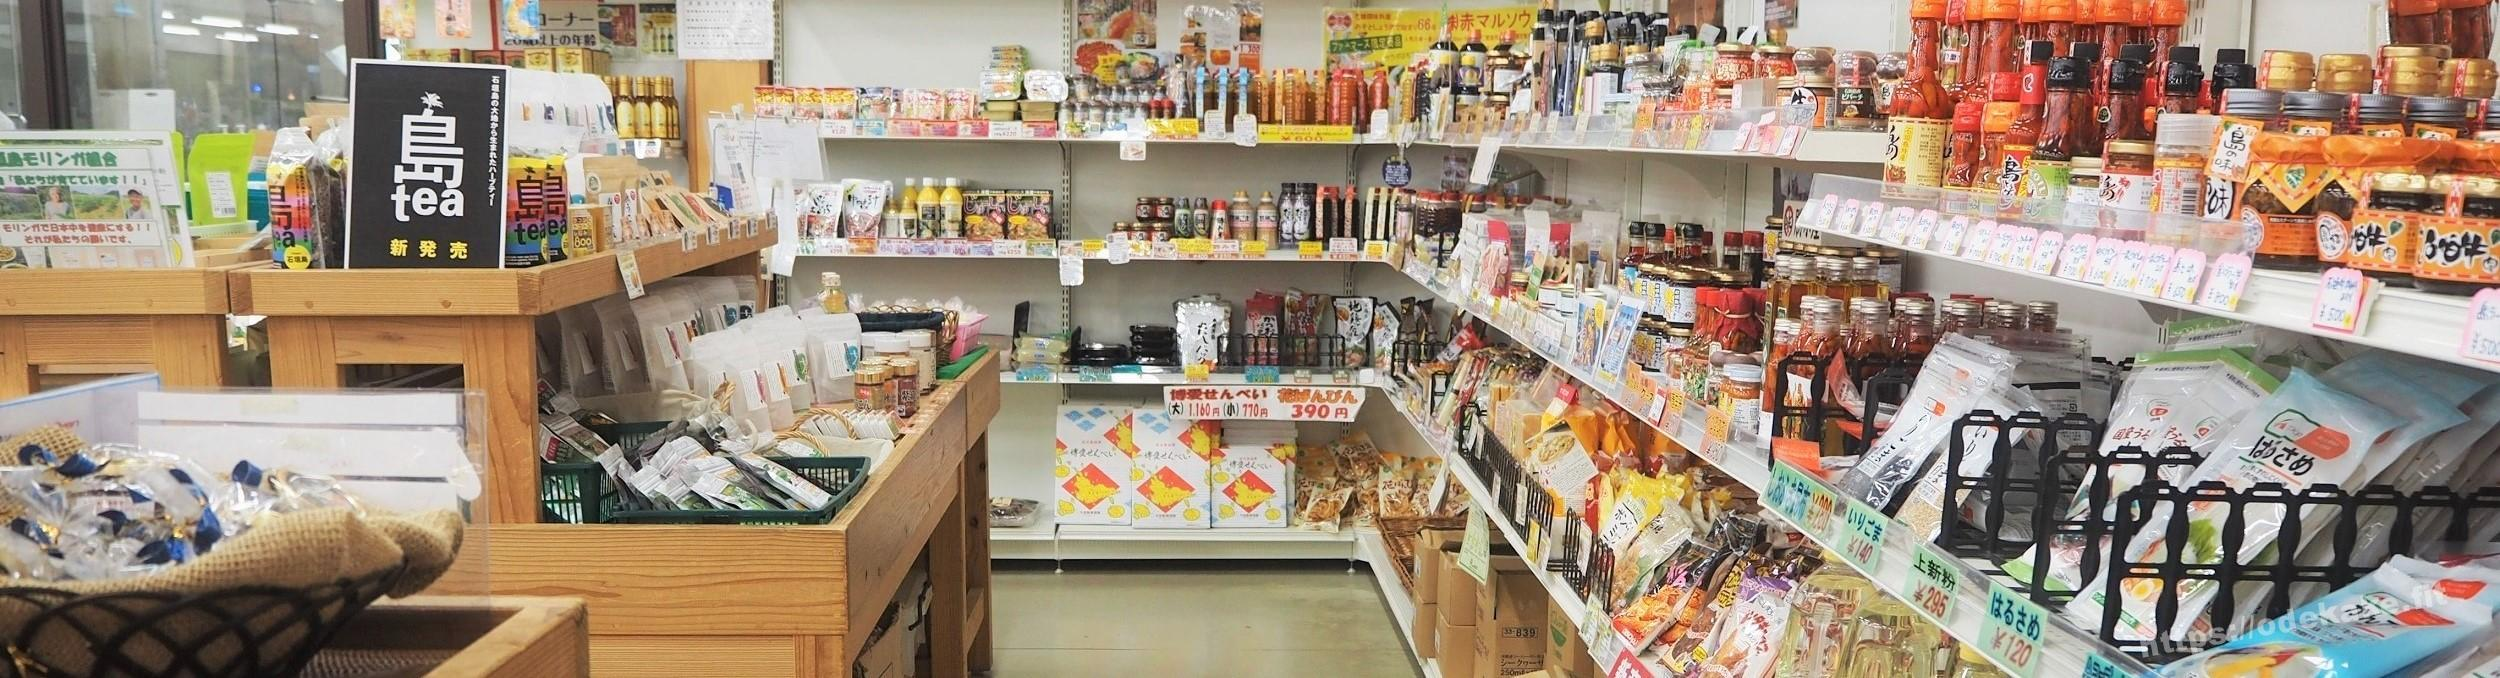 【石垣島】JAゆらてぃく市場へ猛ダッシュ!!+帰宅&八重山1人旅の感想